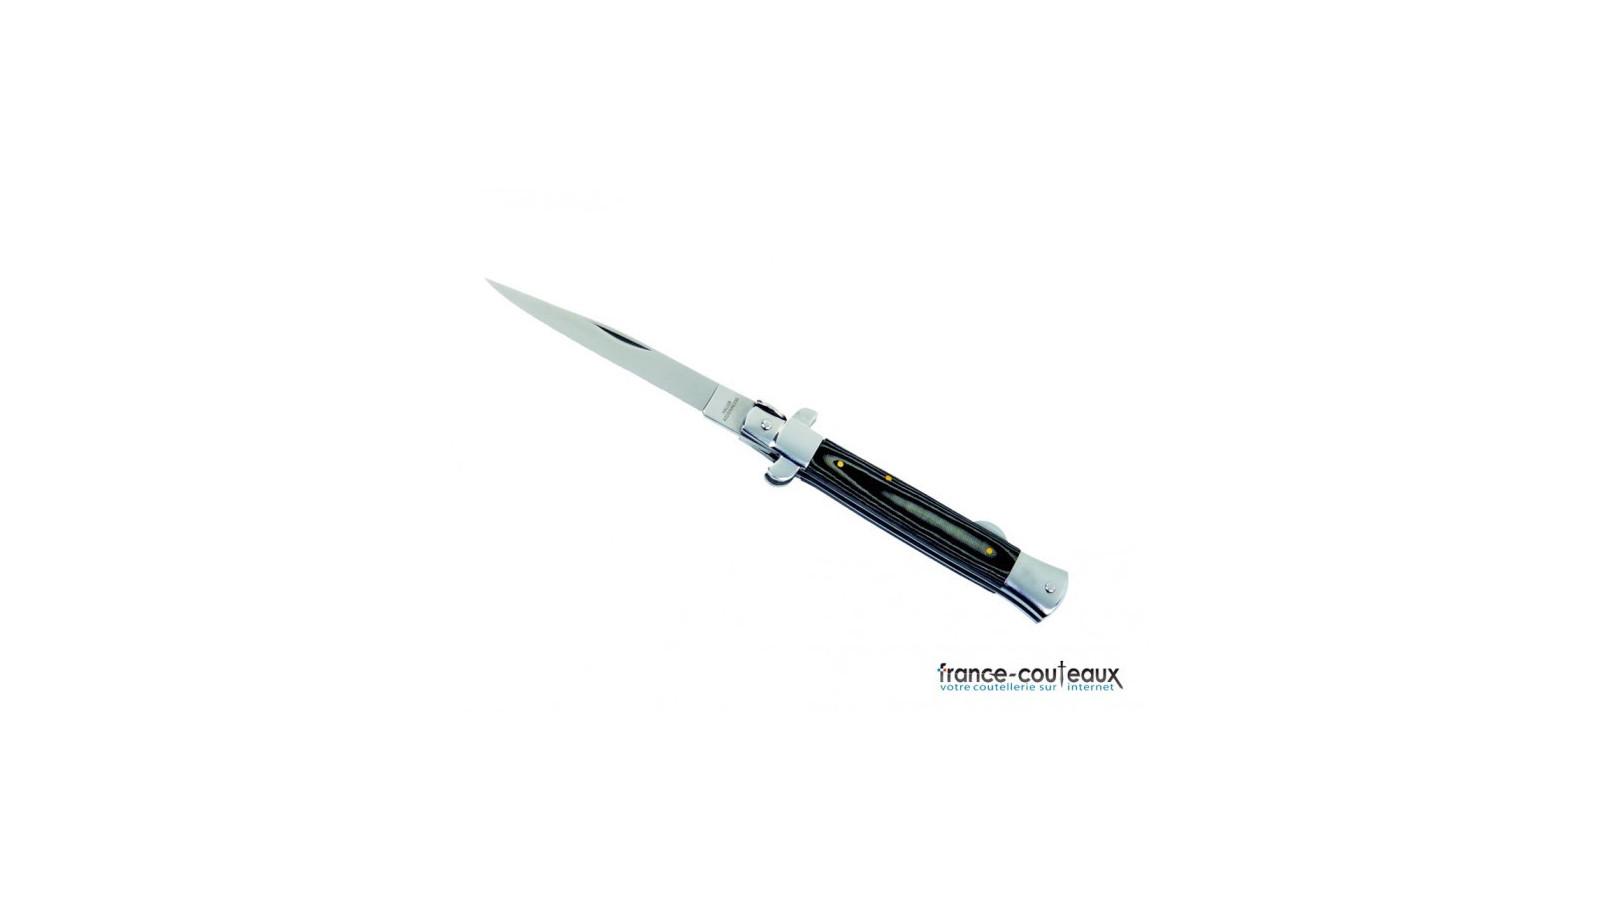 Couteau japonais 17 cm